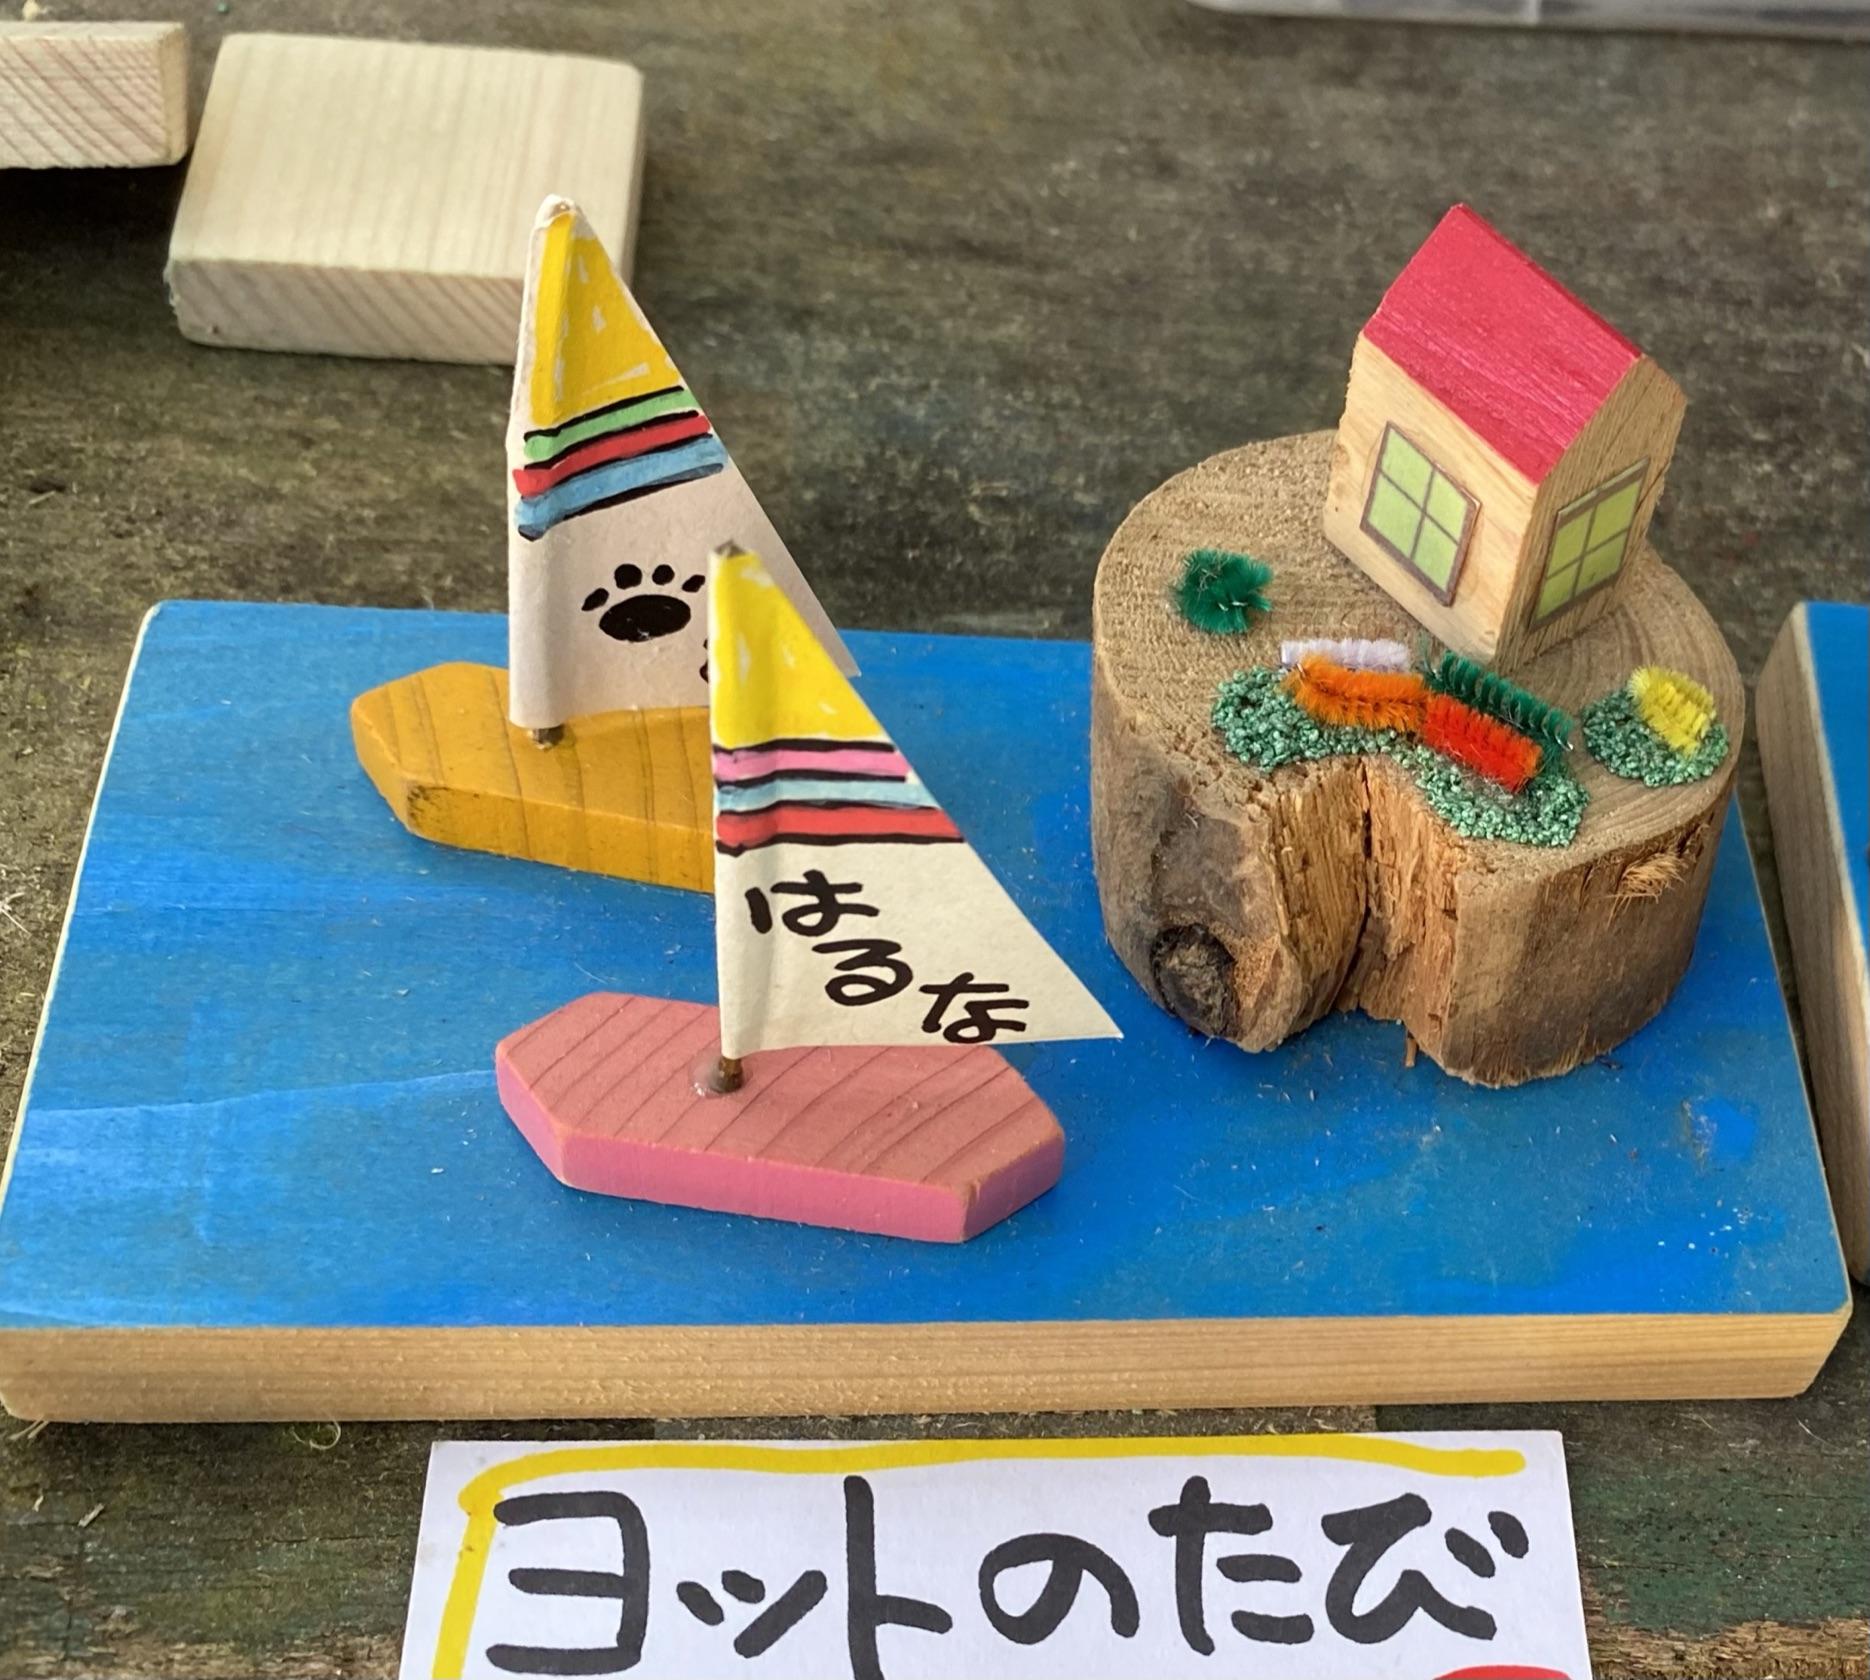 木工ジオラマヨットの旅セット